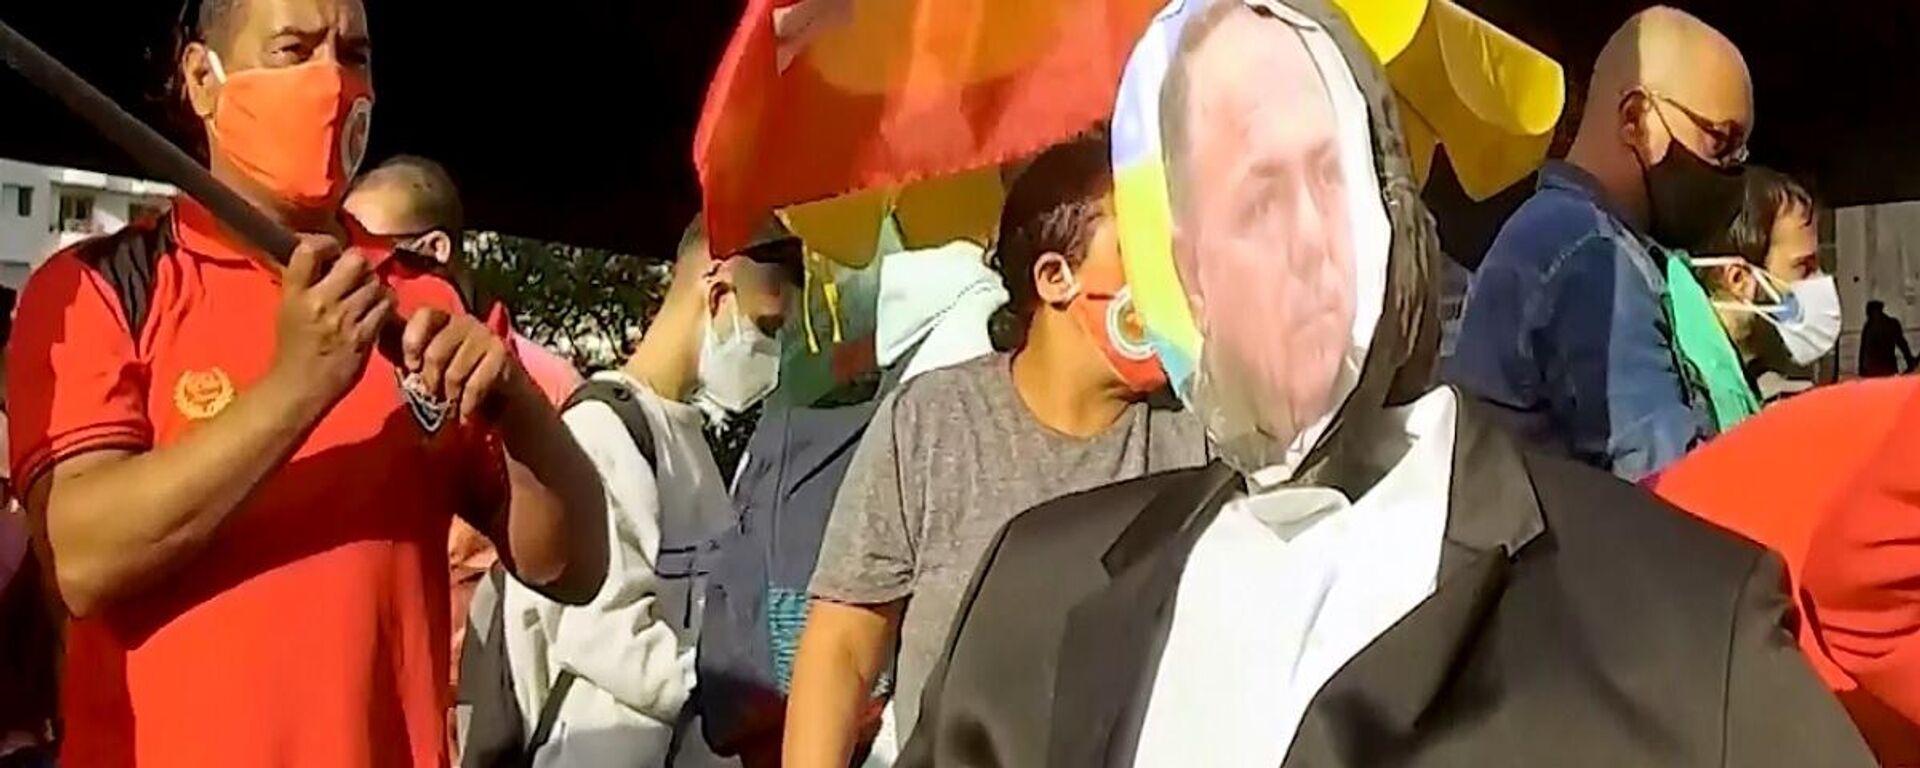 Folla protesta contro la gestione di Bolsonaro della pandemia di COVID-19, Brasile - Sputnik Italia, 1920, 30.05.2021